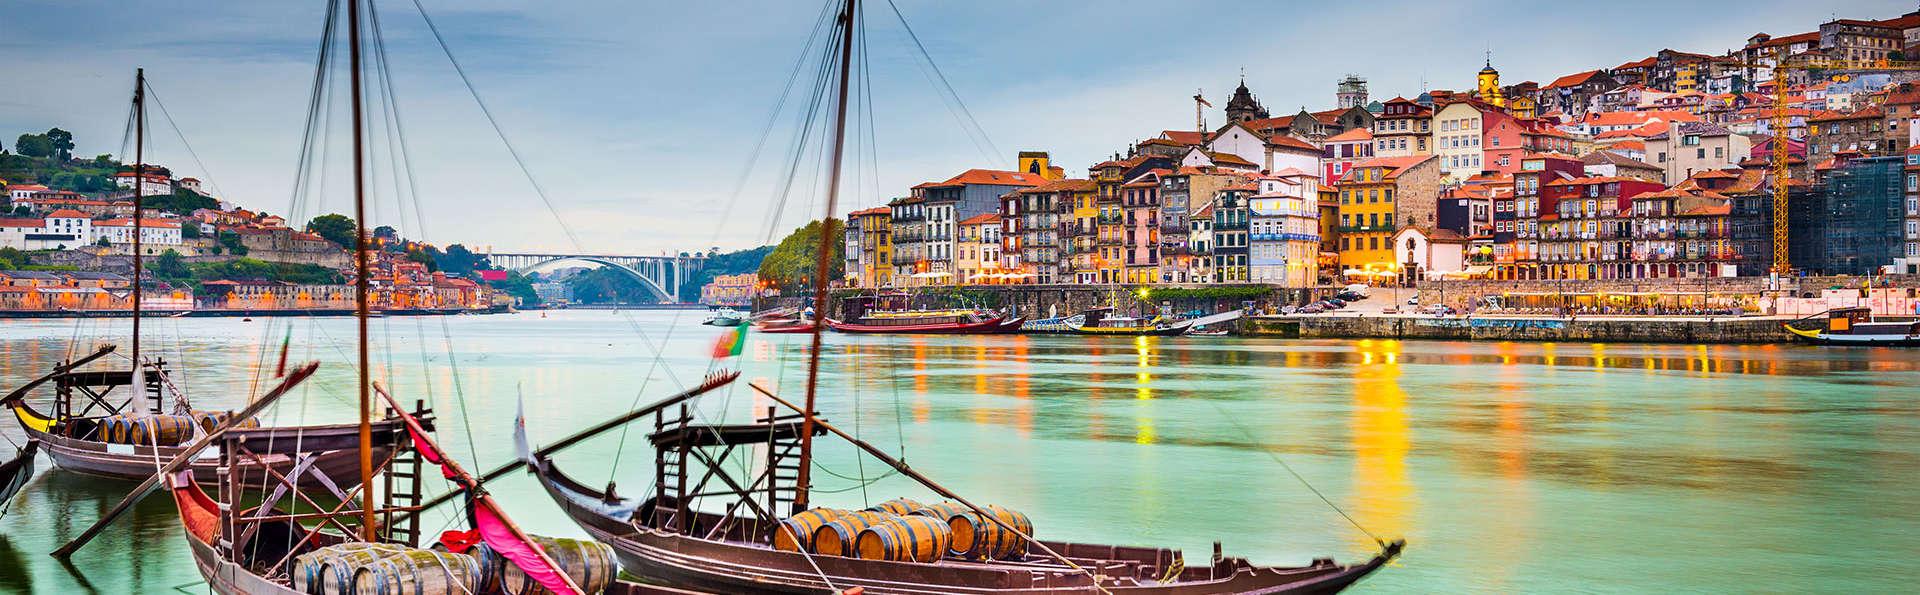 Découvrez Porto avec bus touristique et croisière sur le Rio Douro (à partir de 2 nuits)